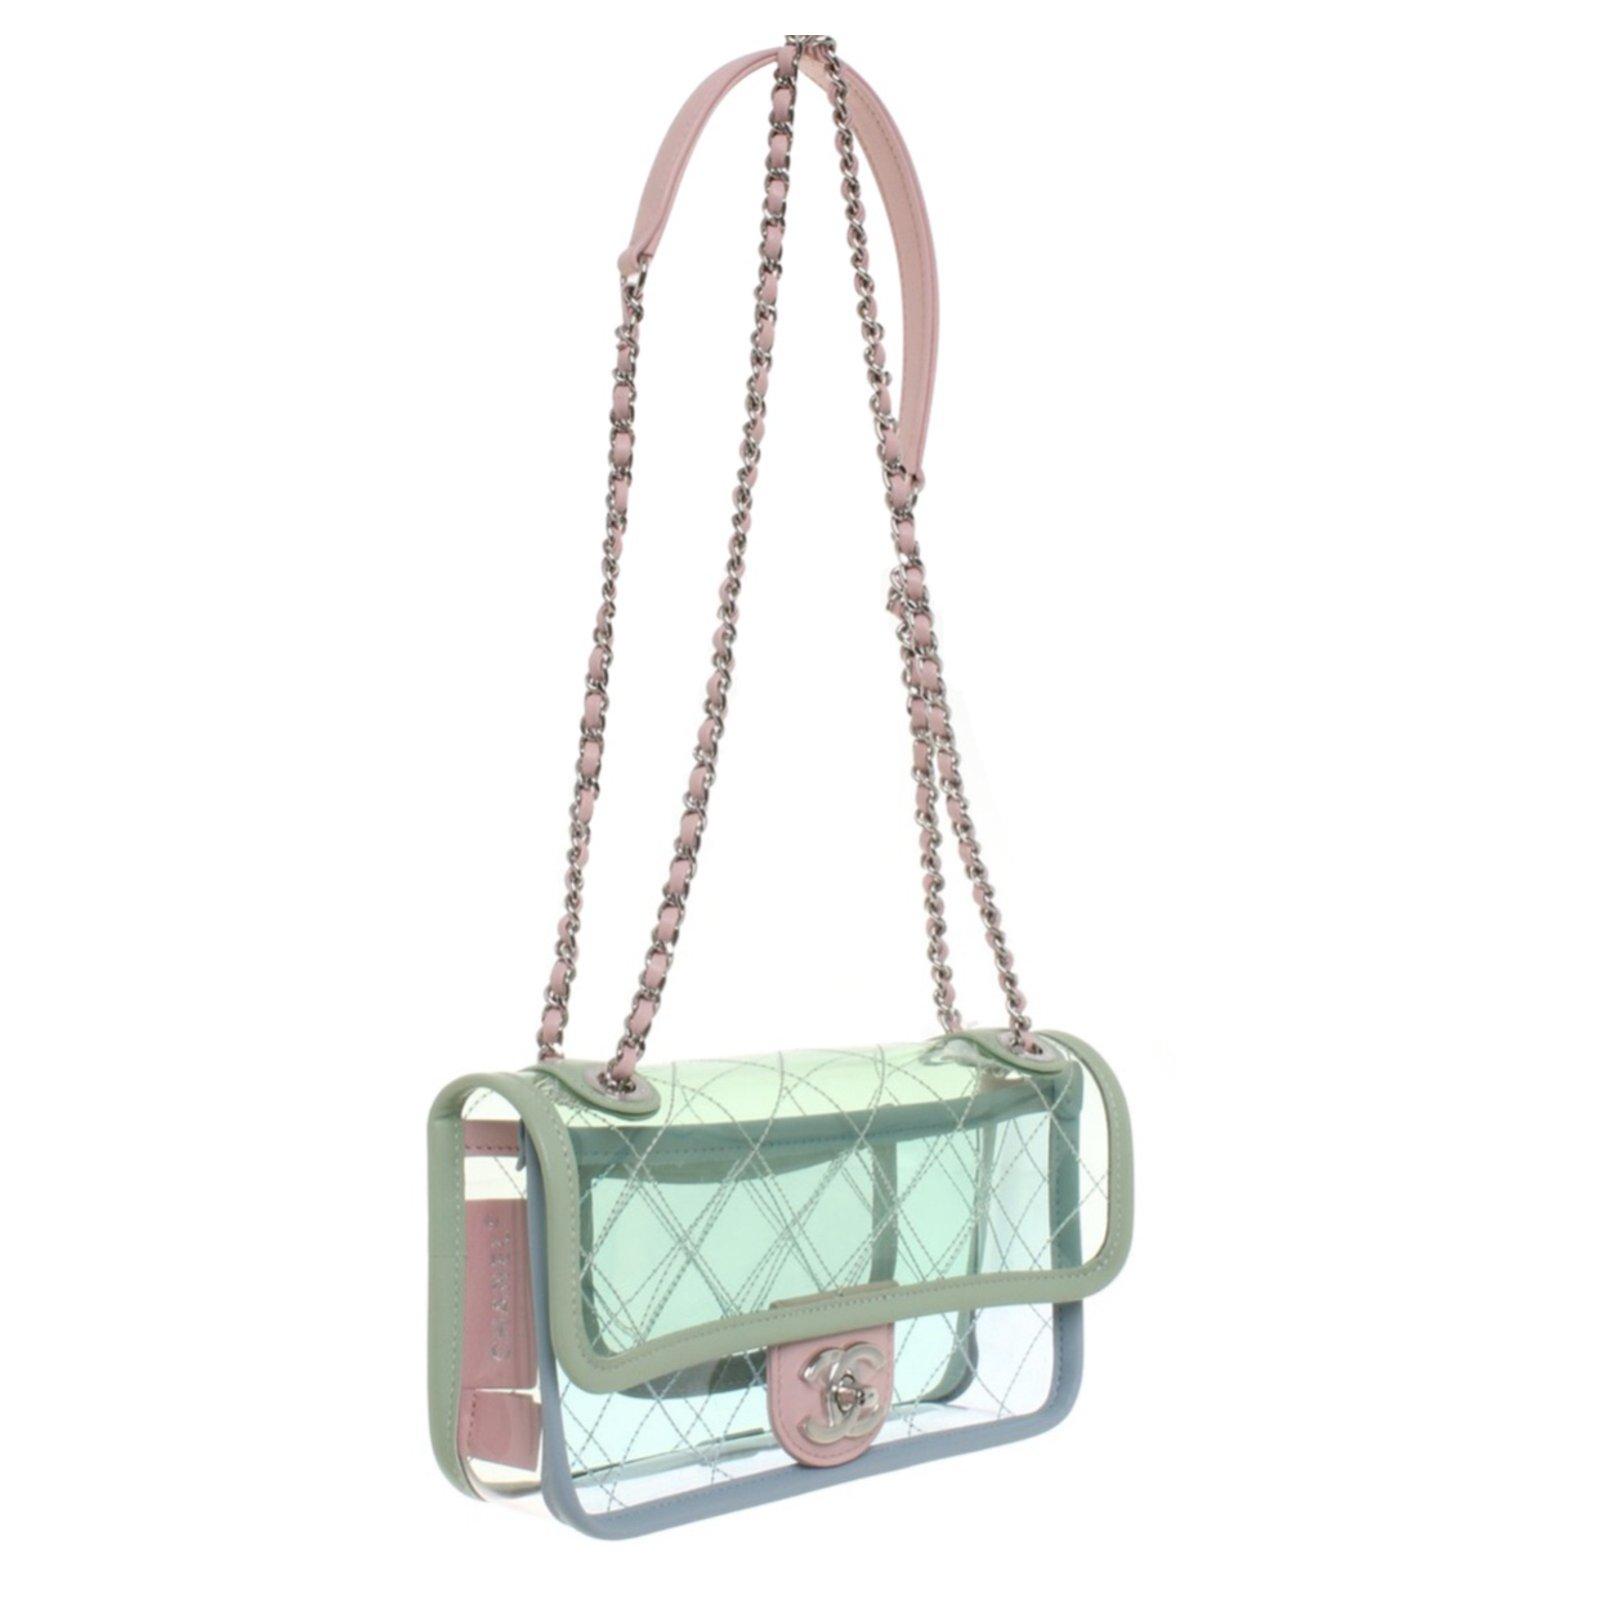 1896a7b9d70c6f Chanel Handbag Handbags Plastic Multiple colors ref.70883 - Joli Closet